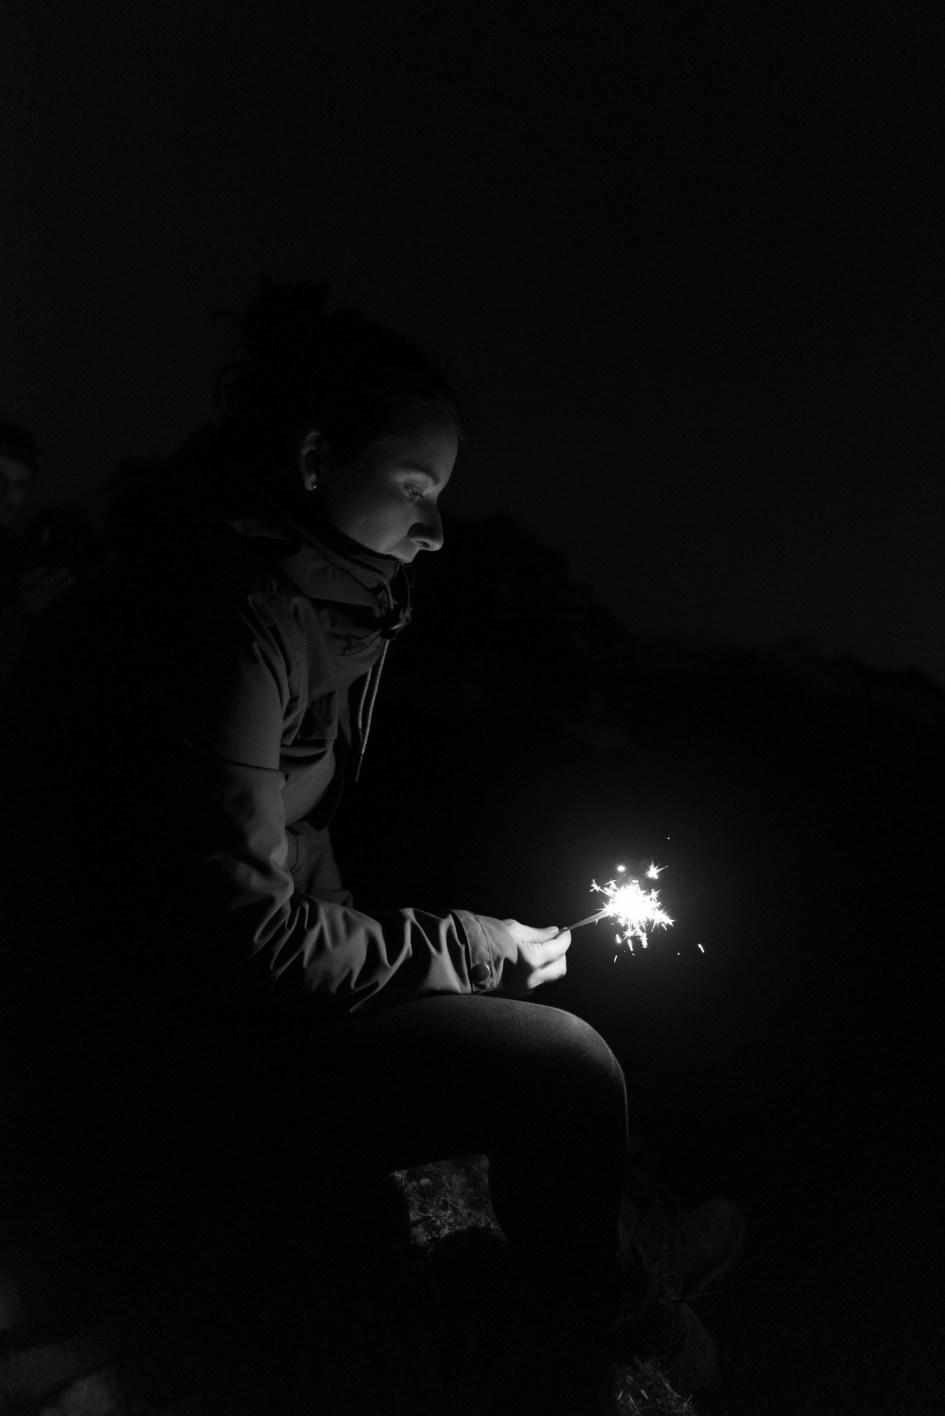 A la lueur des étincelles